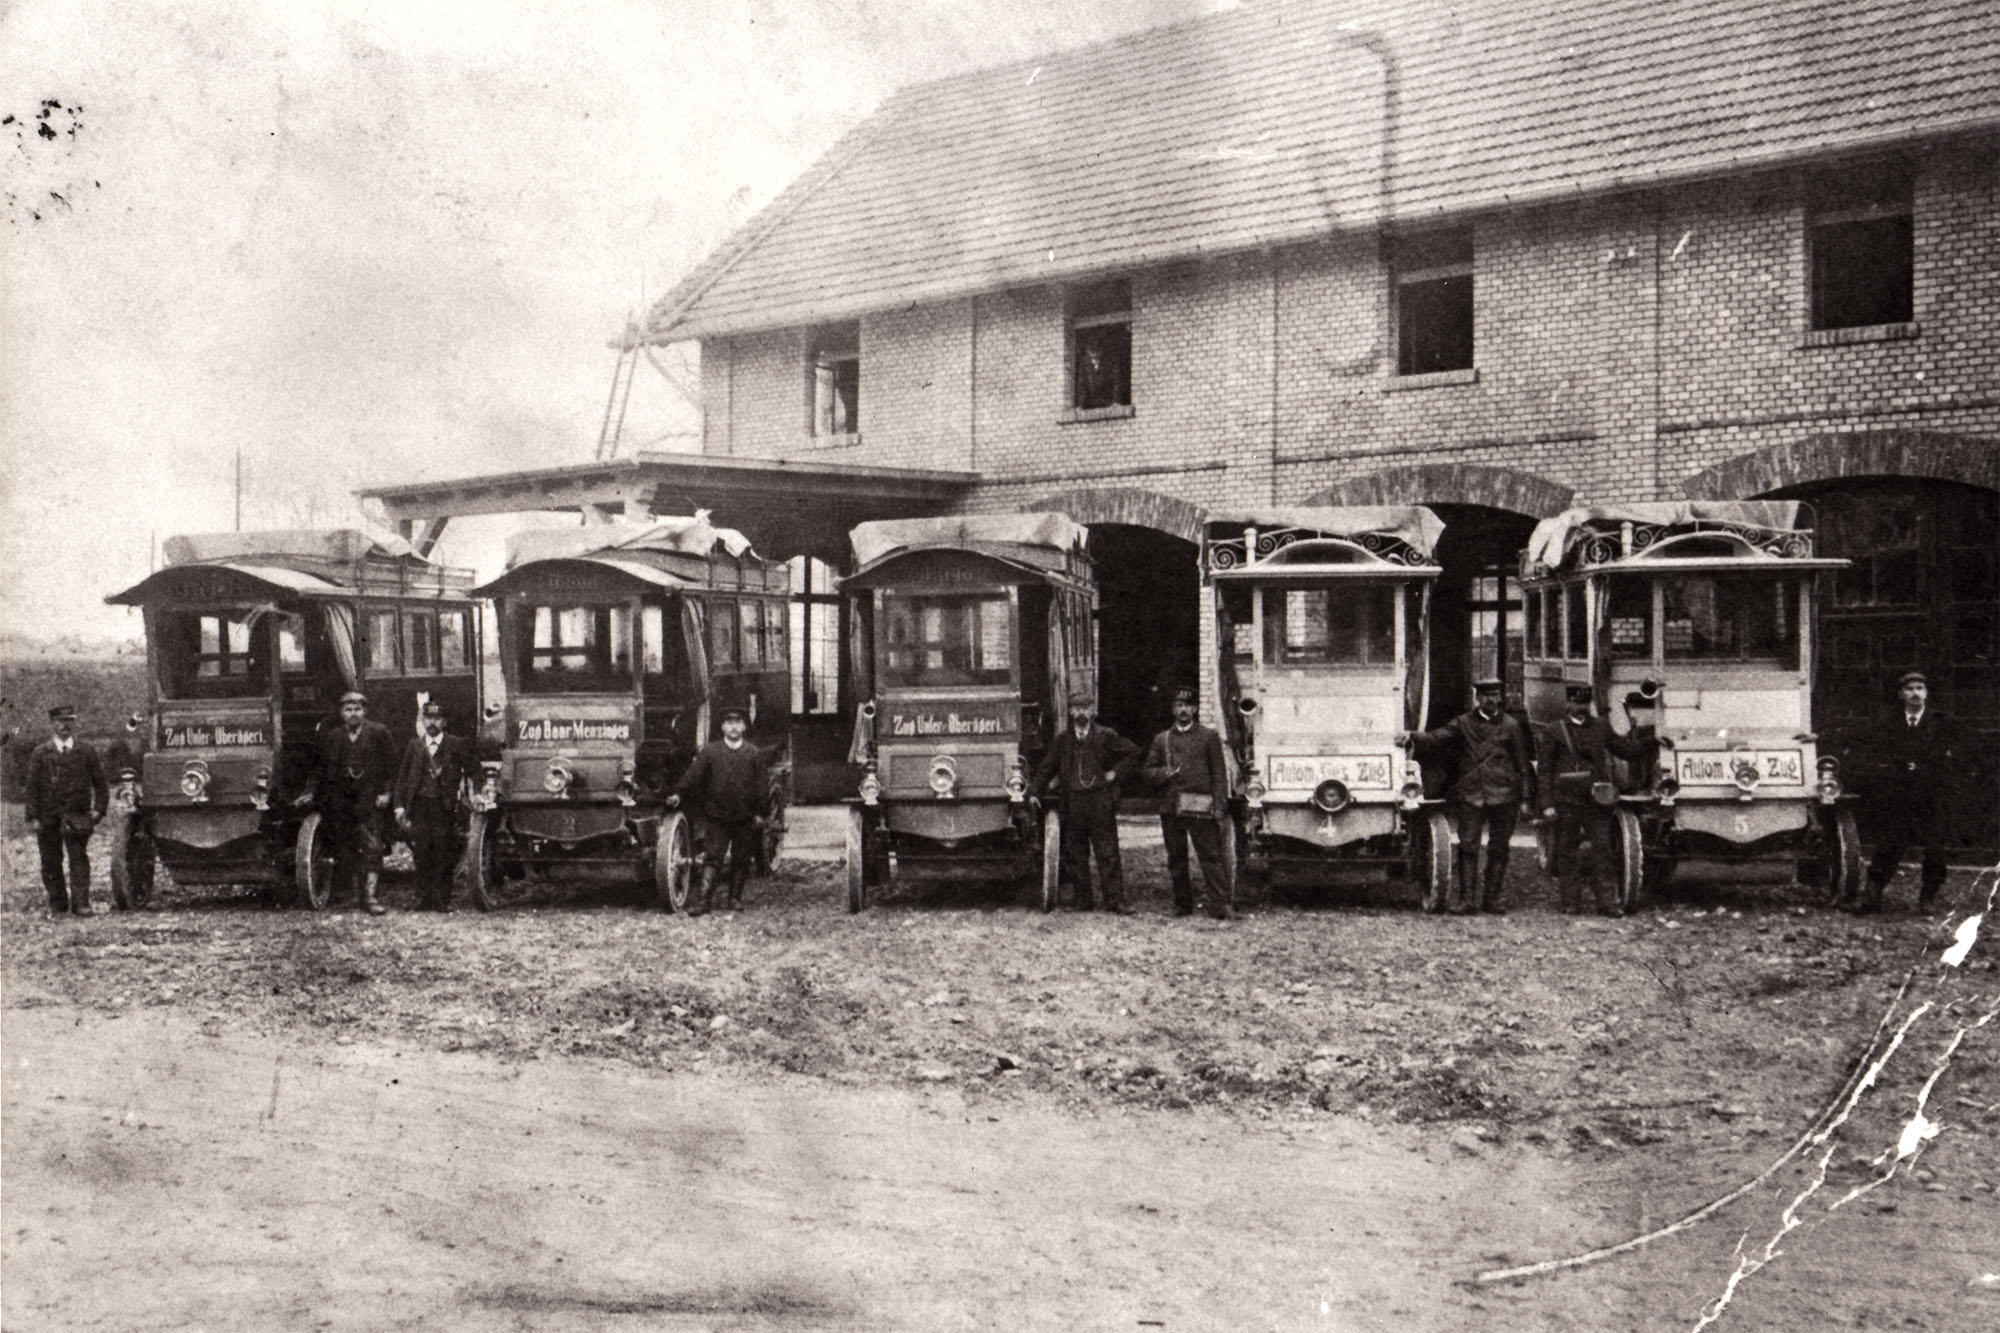 Orion-Busse vor dem Depot